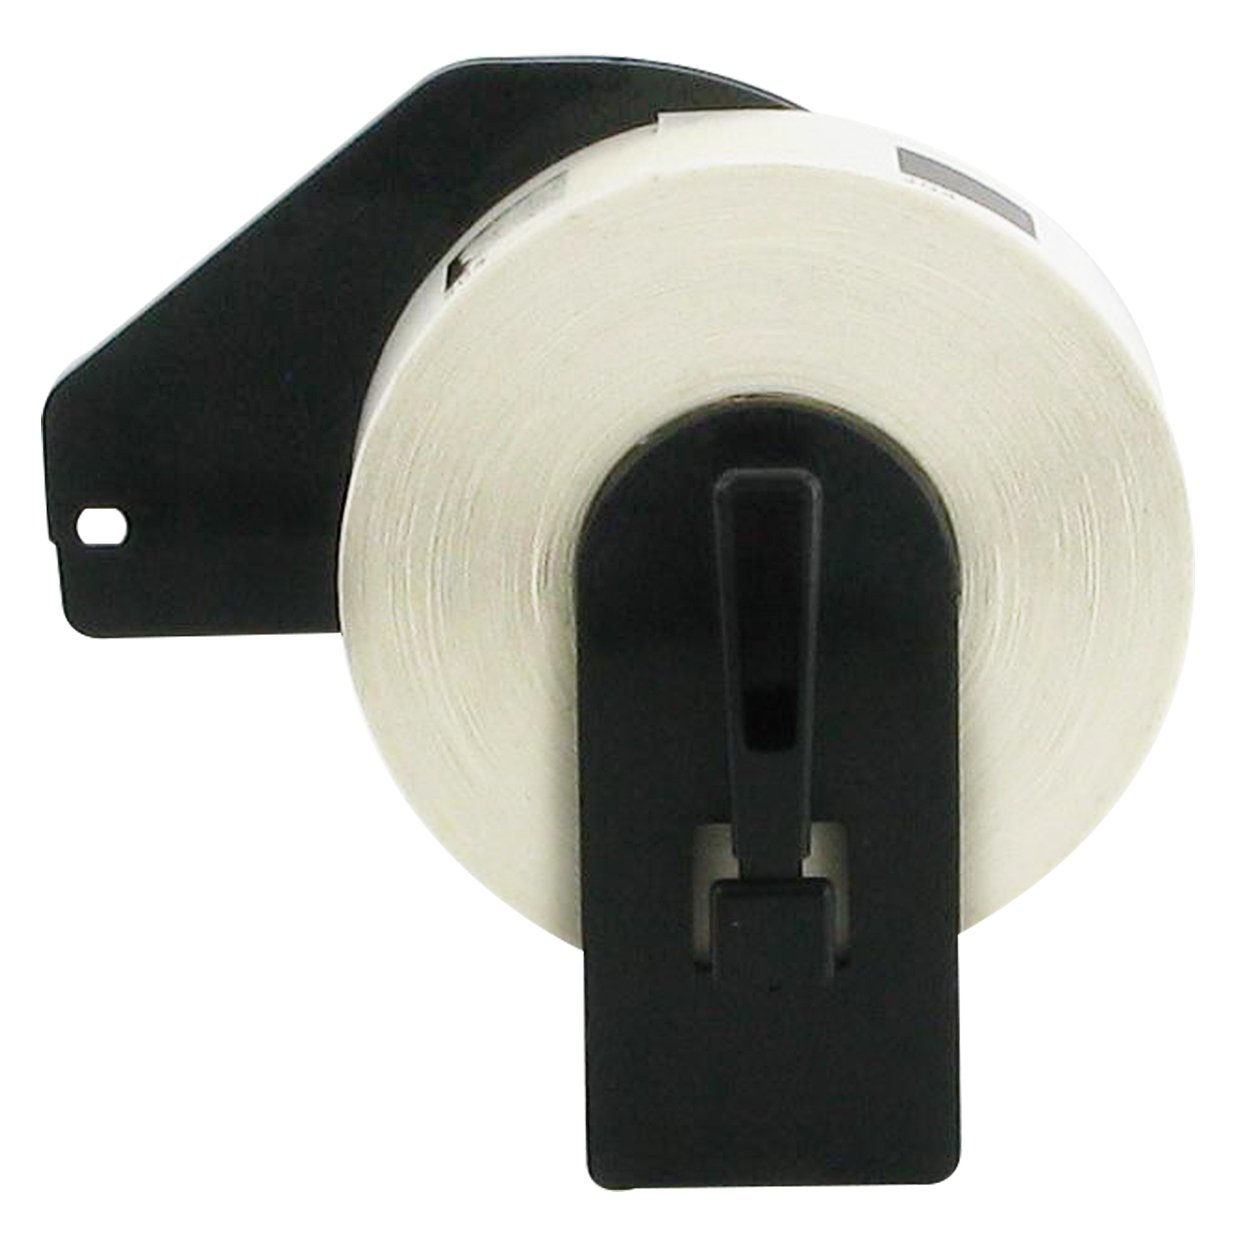 bubprint 5x Ruote Etichette compatibile per Brother DK-11204 #1204 17 x 54mm